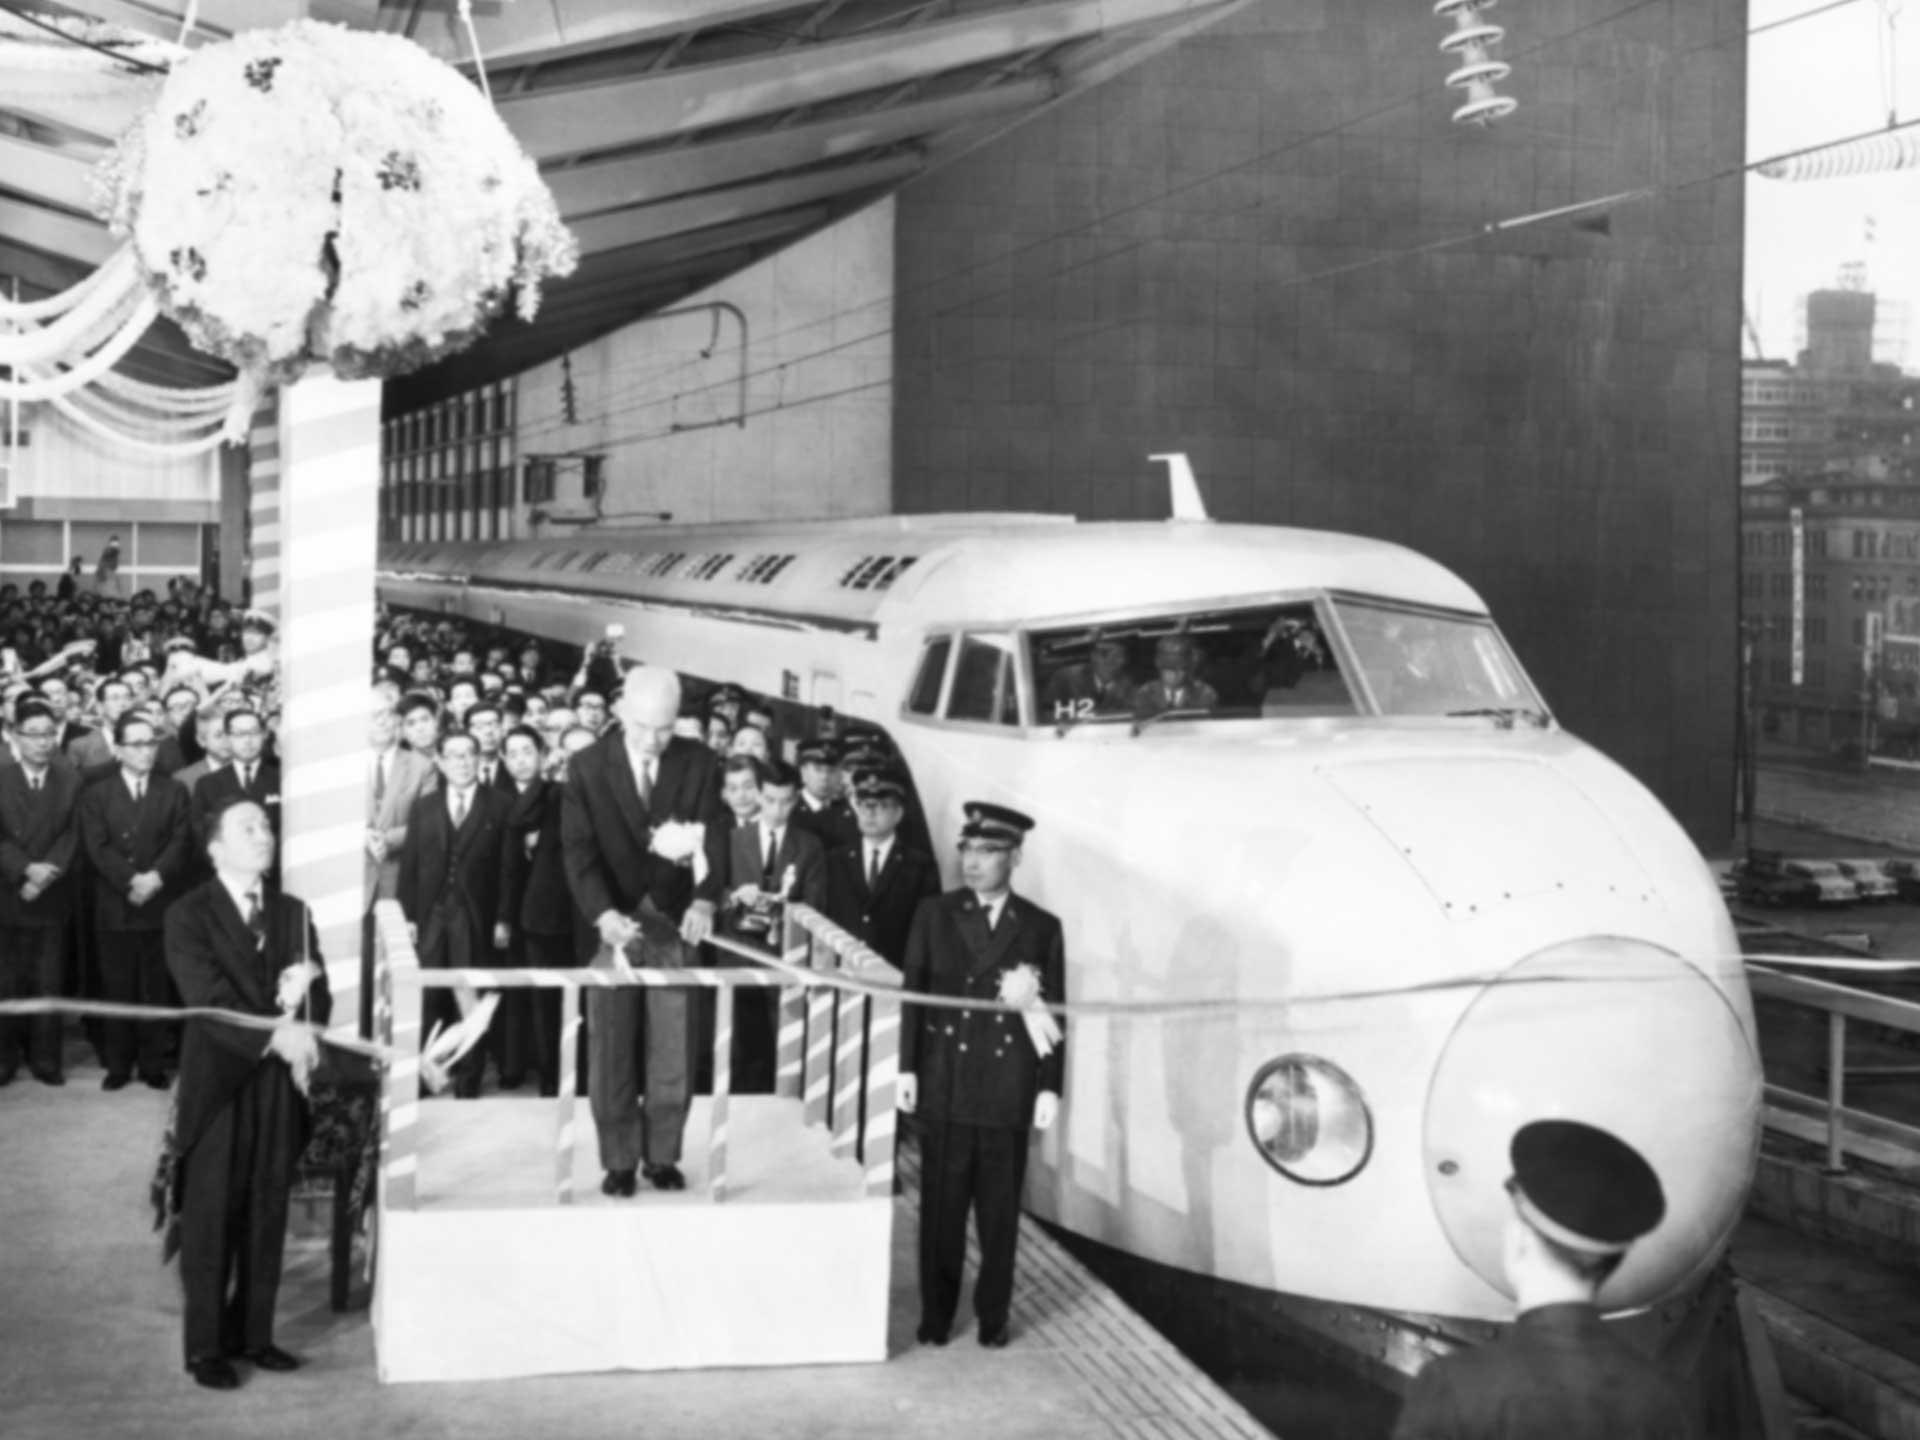 1964年、東海道新幹線が開業しテープカットで東京駅を発車する一番列車「ひかり1号」